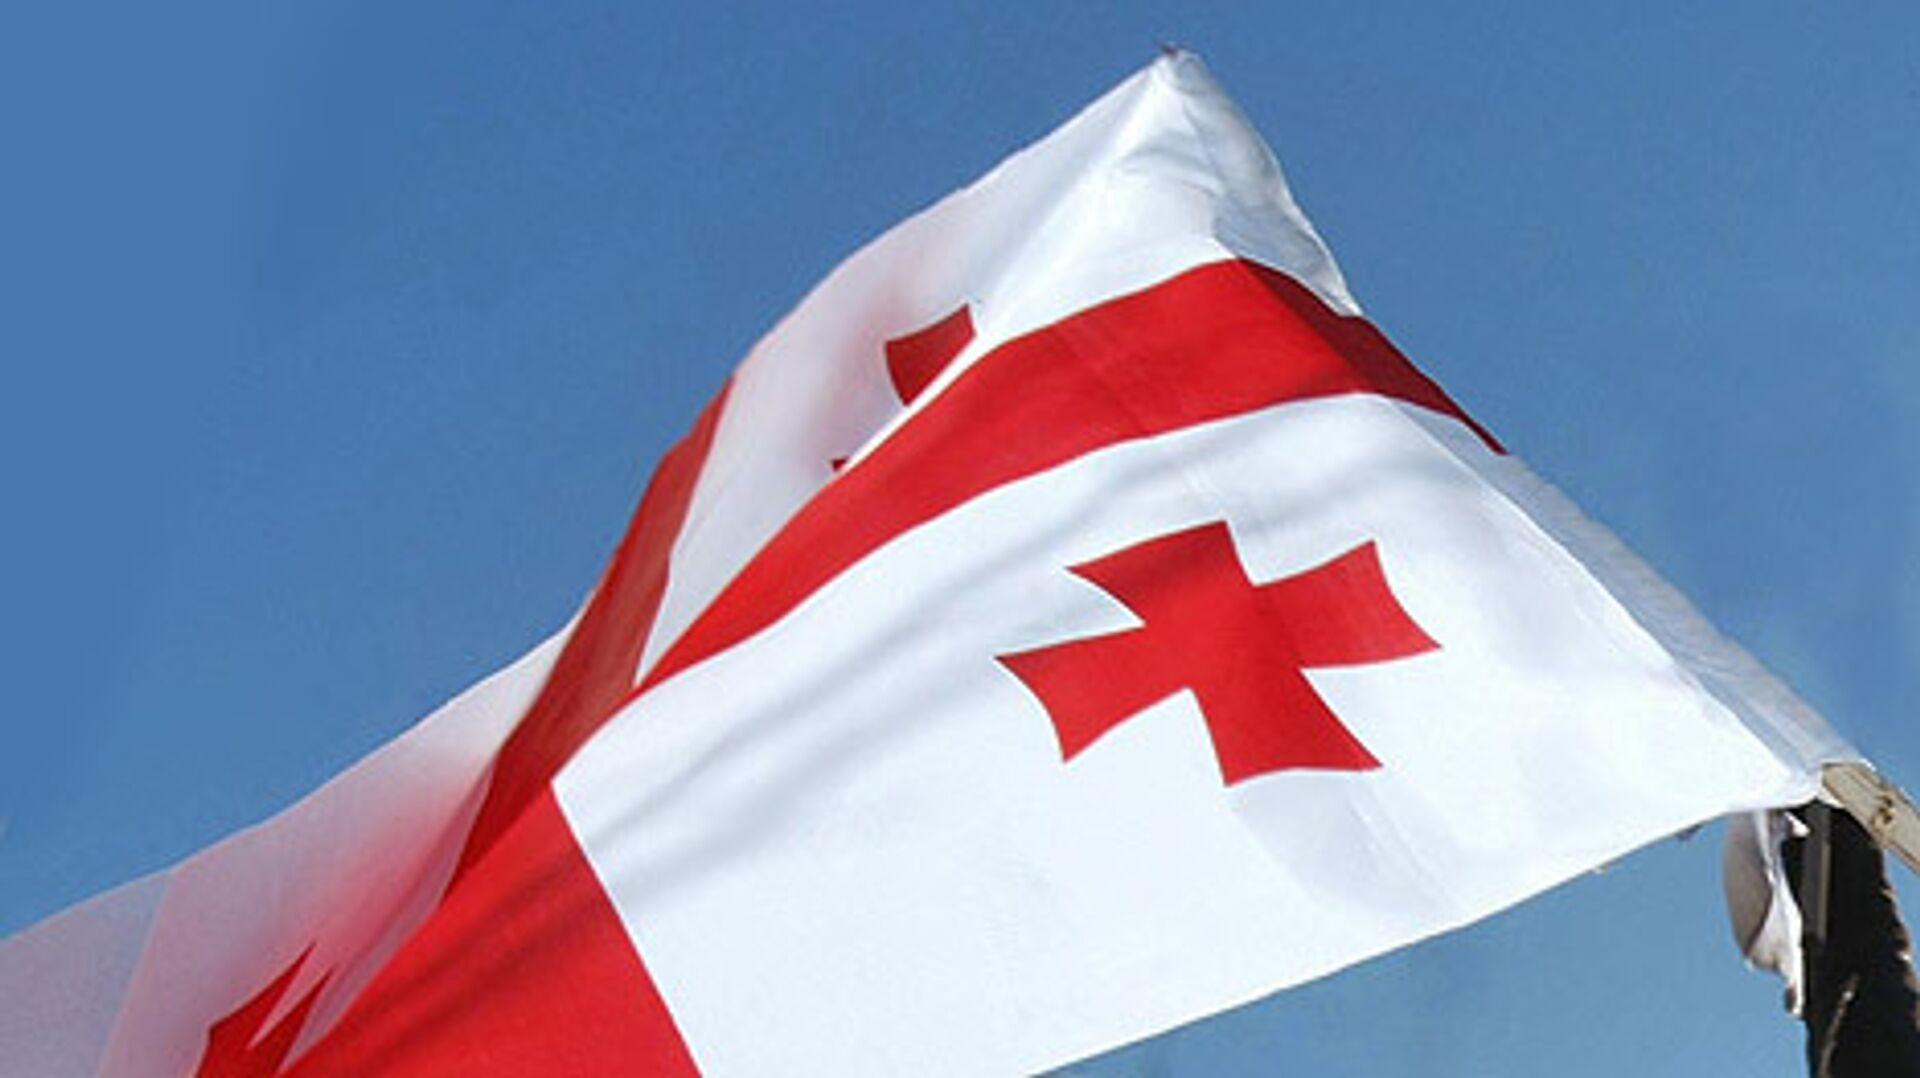 Bandera de Georgia - Sputnik Mundo, 1920, 27.09.2021